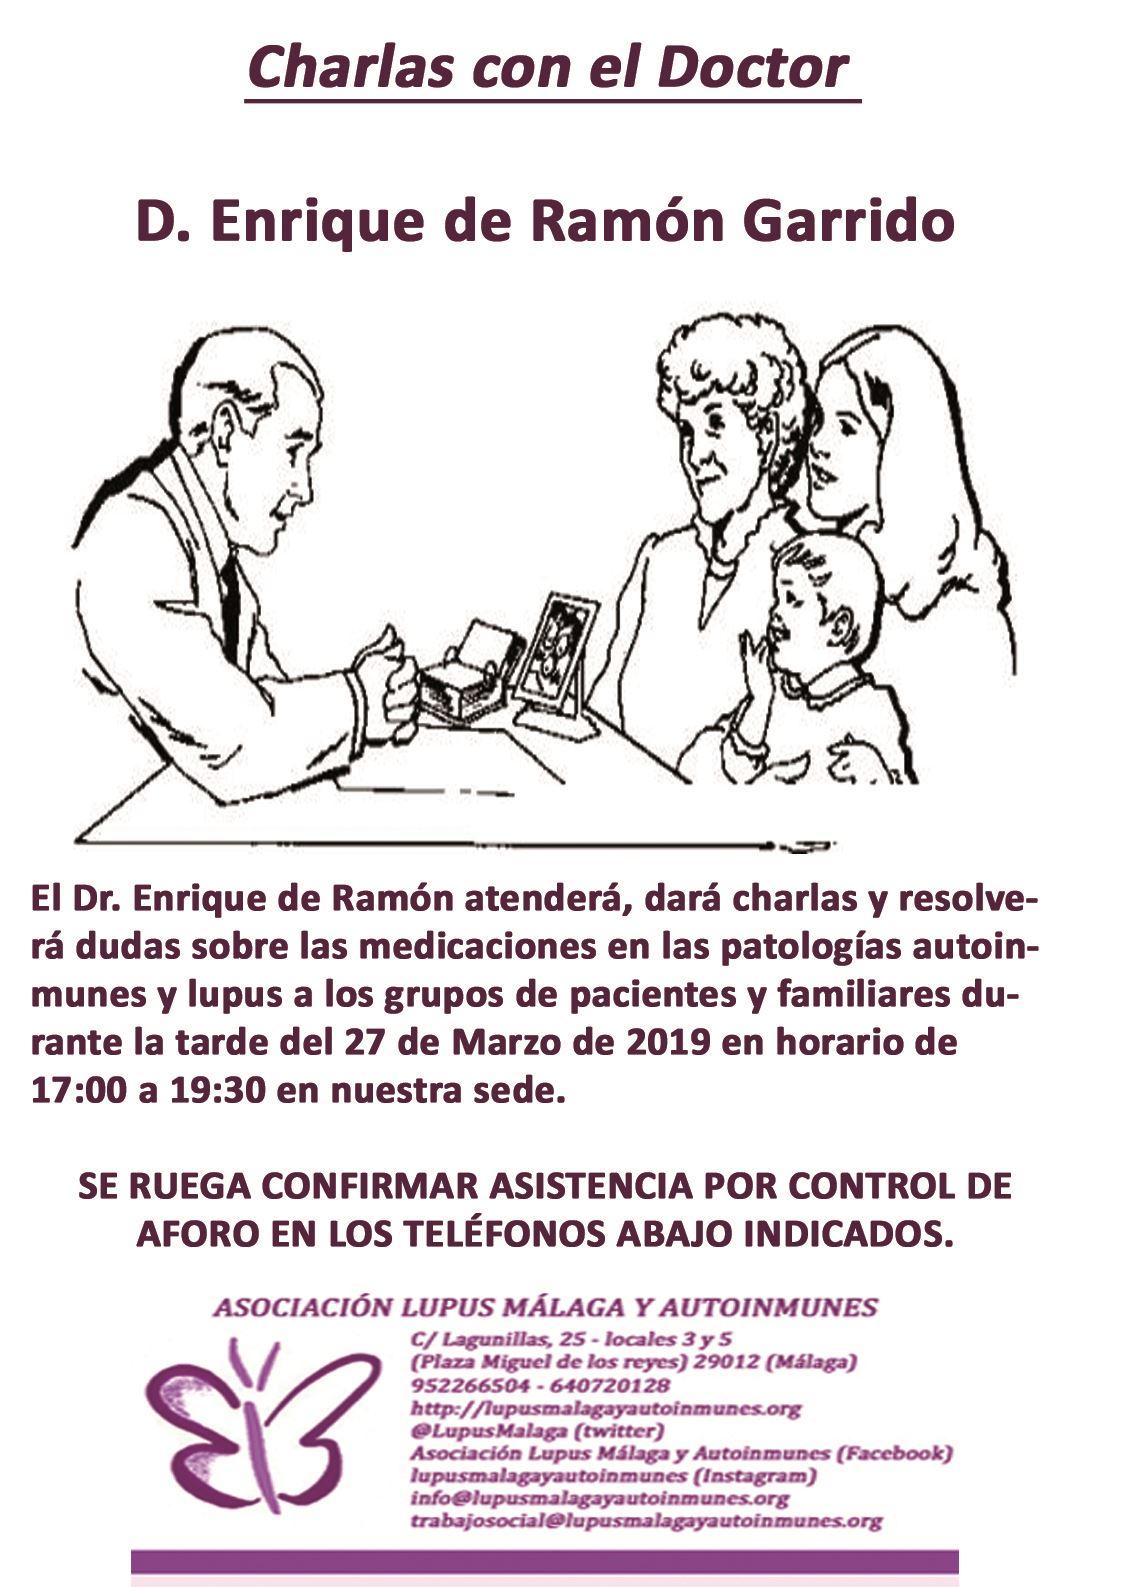 Charlas con el Dr. D. Enrique de Ramón Garrido